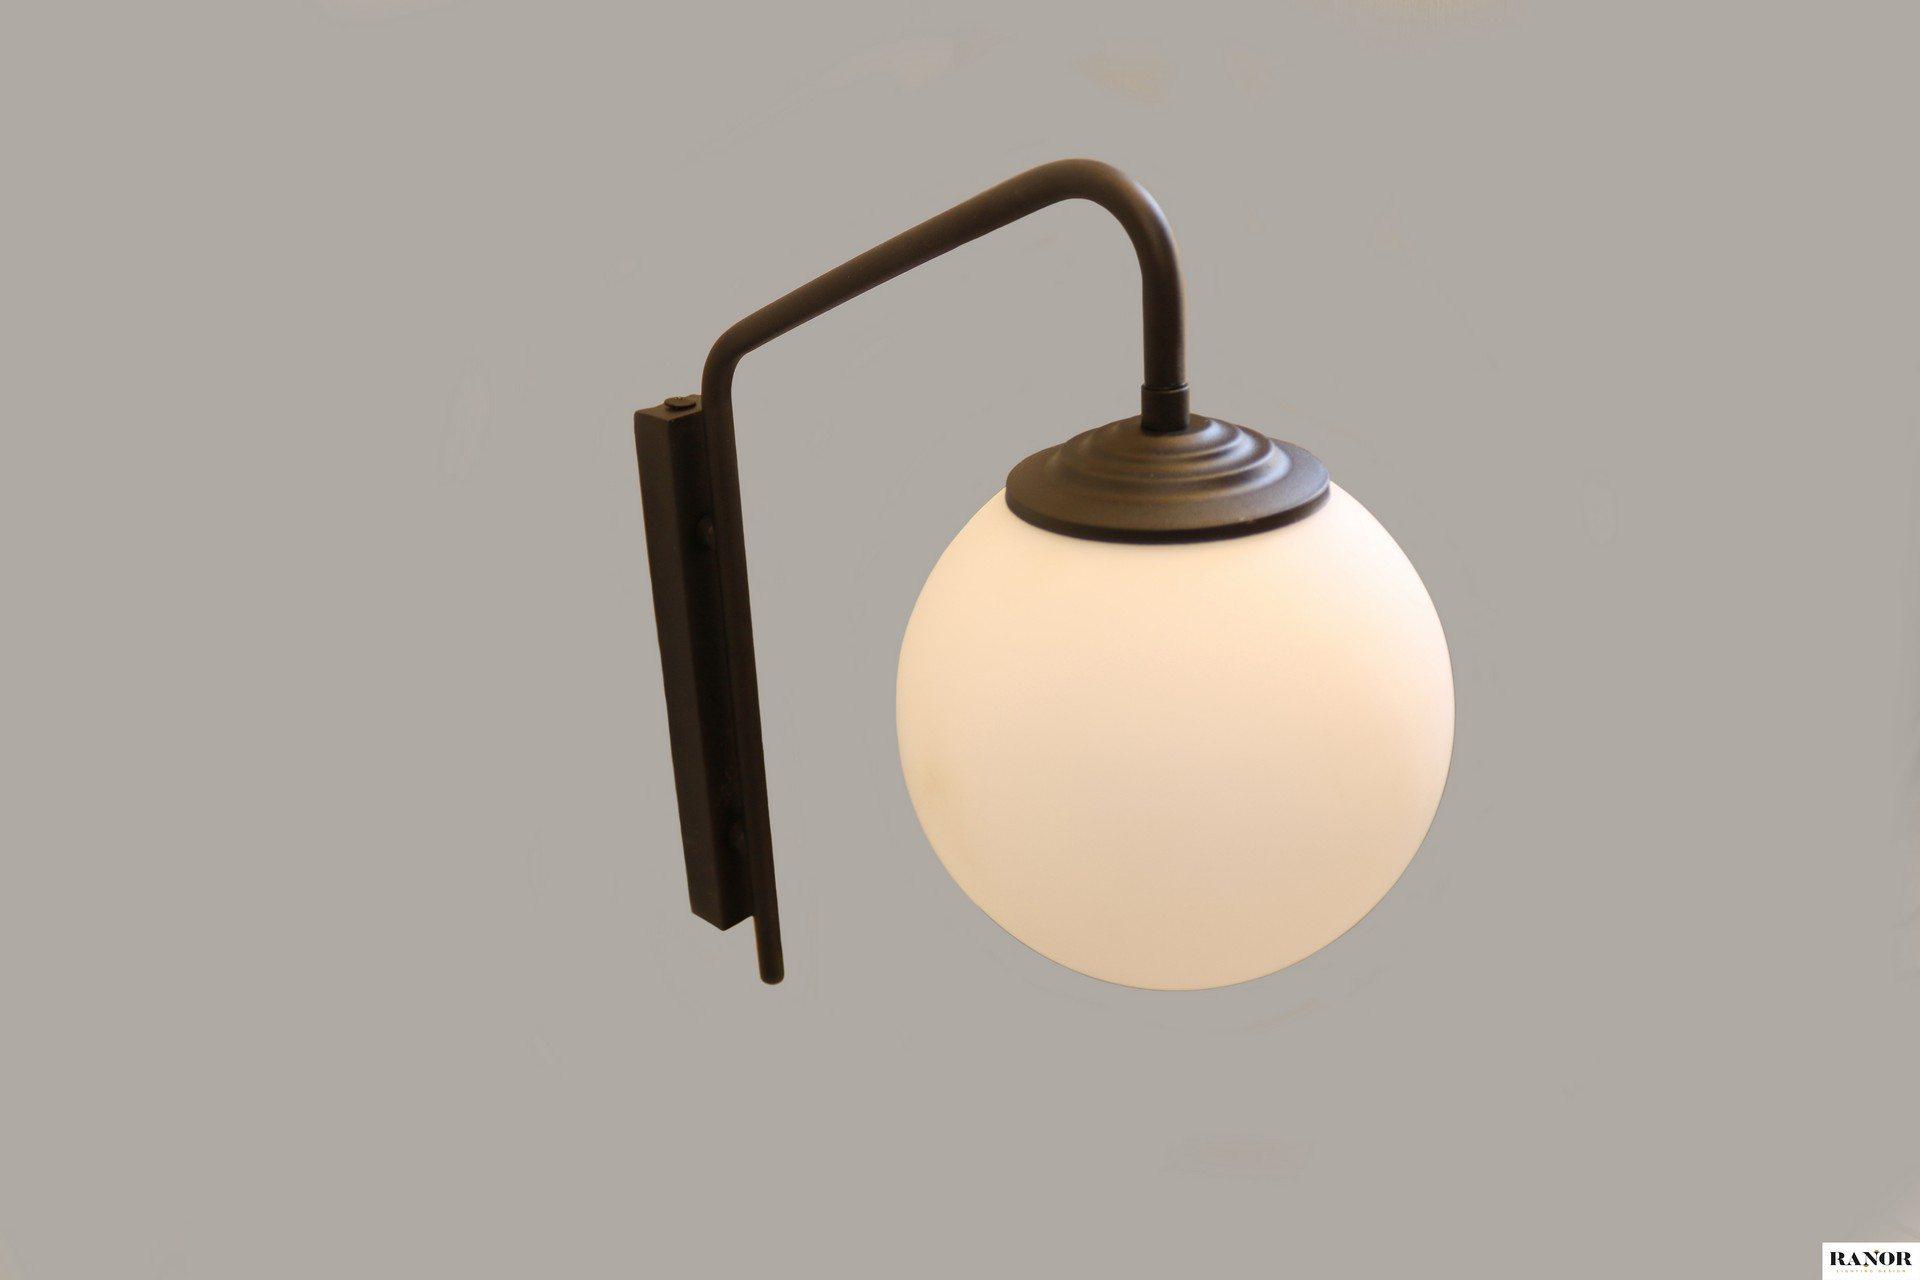 מנורת קיר מפליז בצבע שחור עם כדור זכוכית חלבי , המנורה עוצבה על ידי המעצב יעקב ארז מבית רנאור עיצובי תאורה עבודת יד כחול לבן. ניתן לקבל בכל צבע וגודל לפי דרישה.